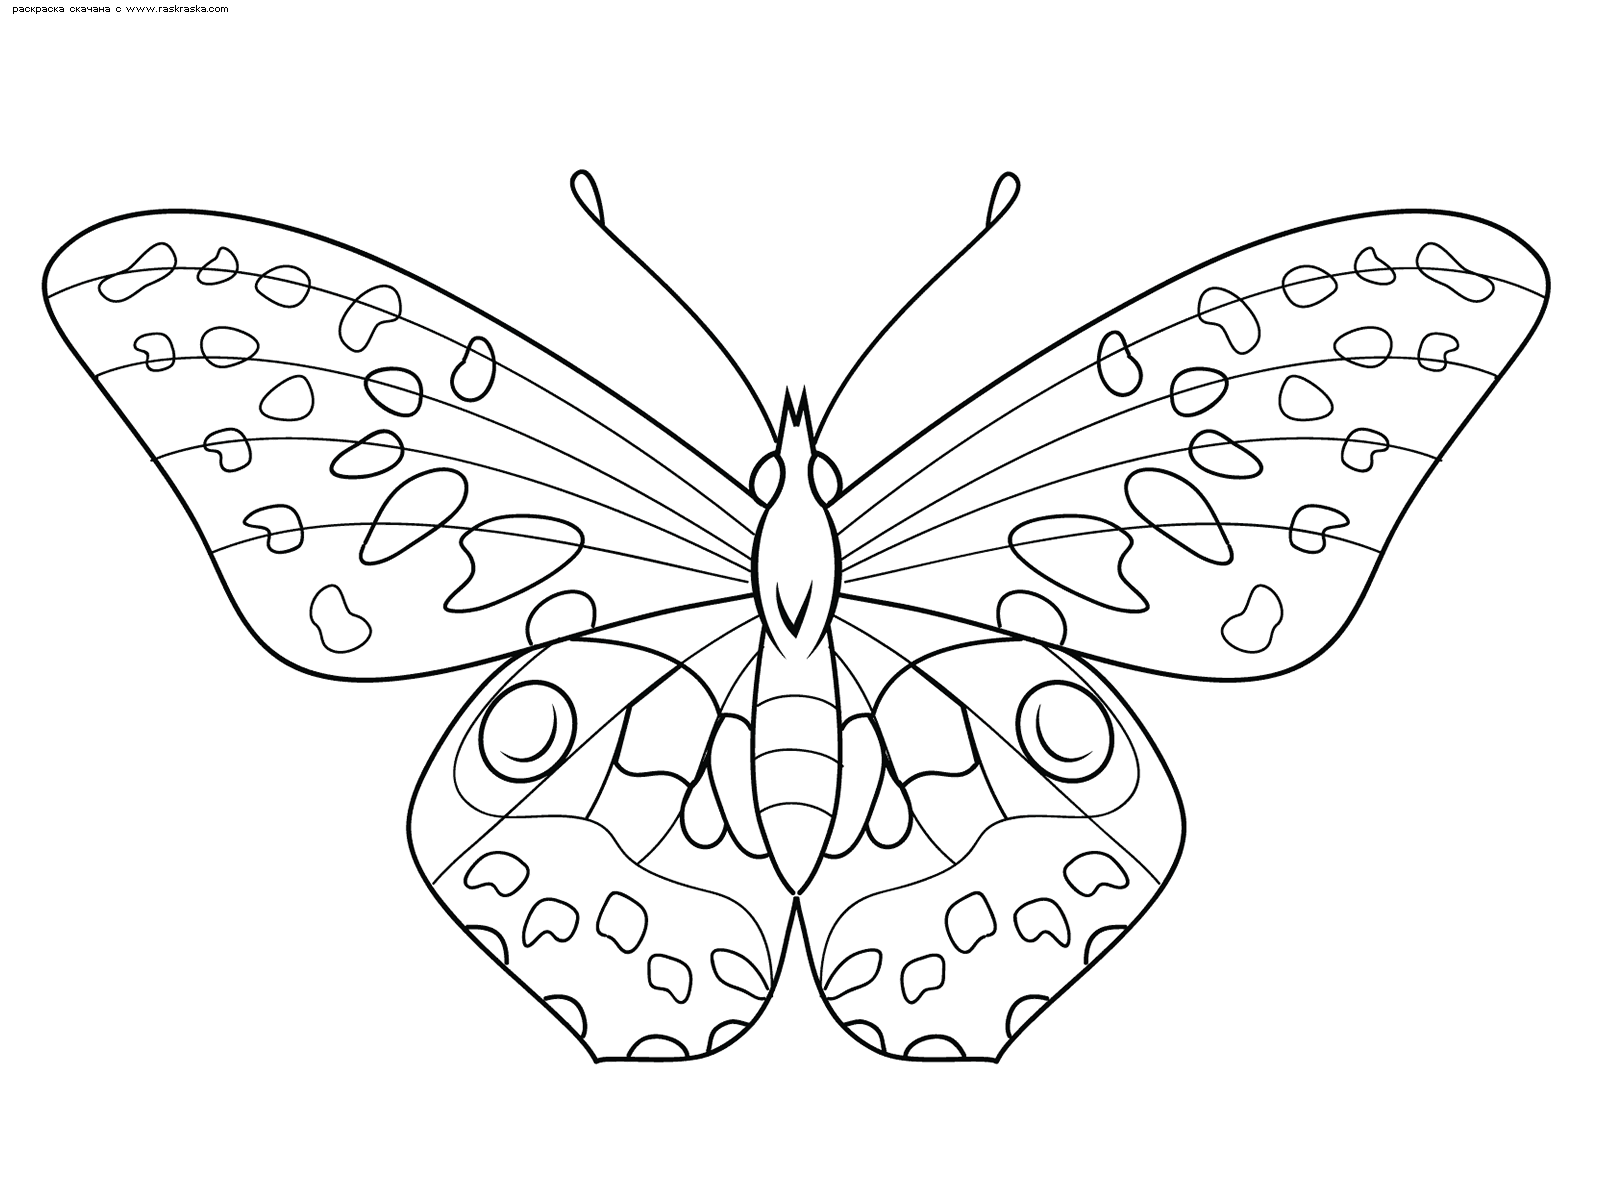 Раскраска Бабочка. Раскраска бабочка